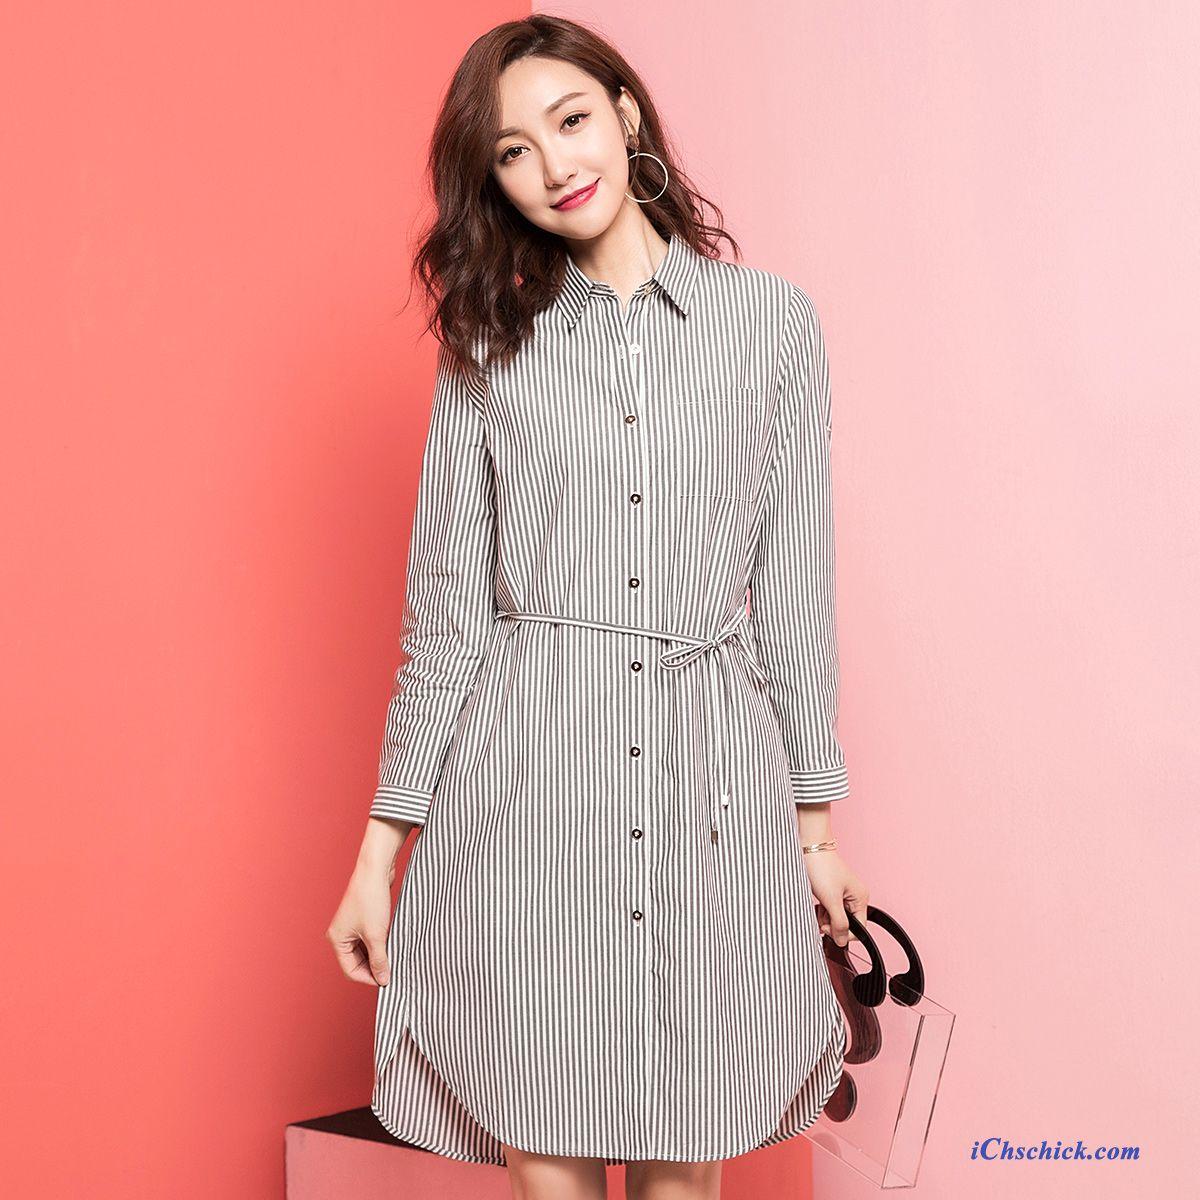 Damenbekleidung Günstig Online | iChschick.com - Seite 35